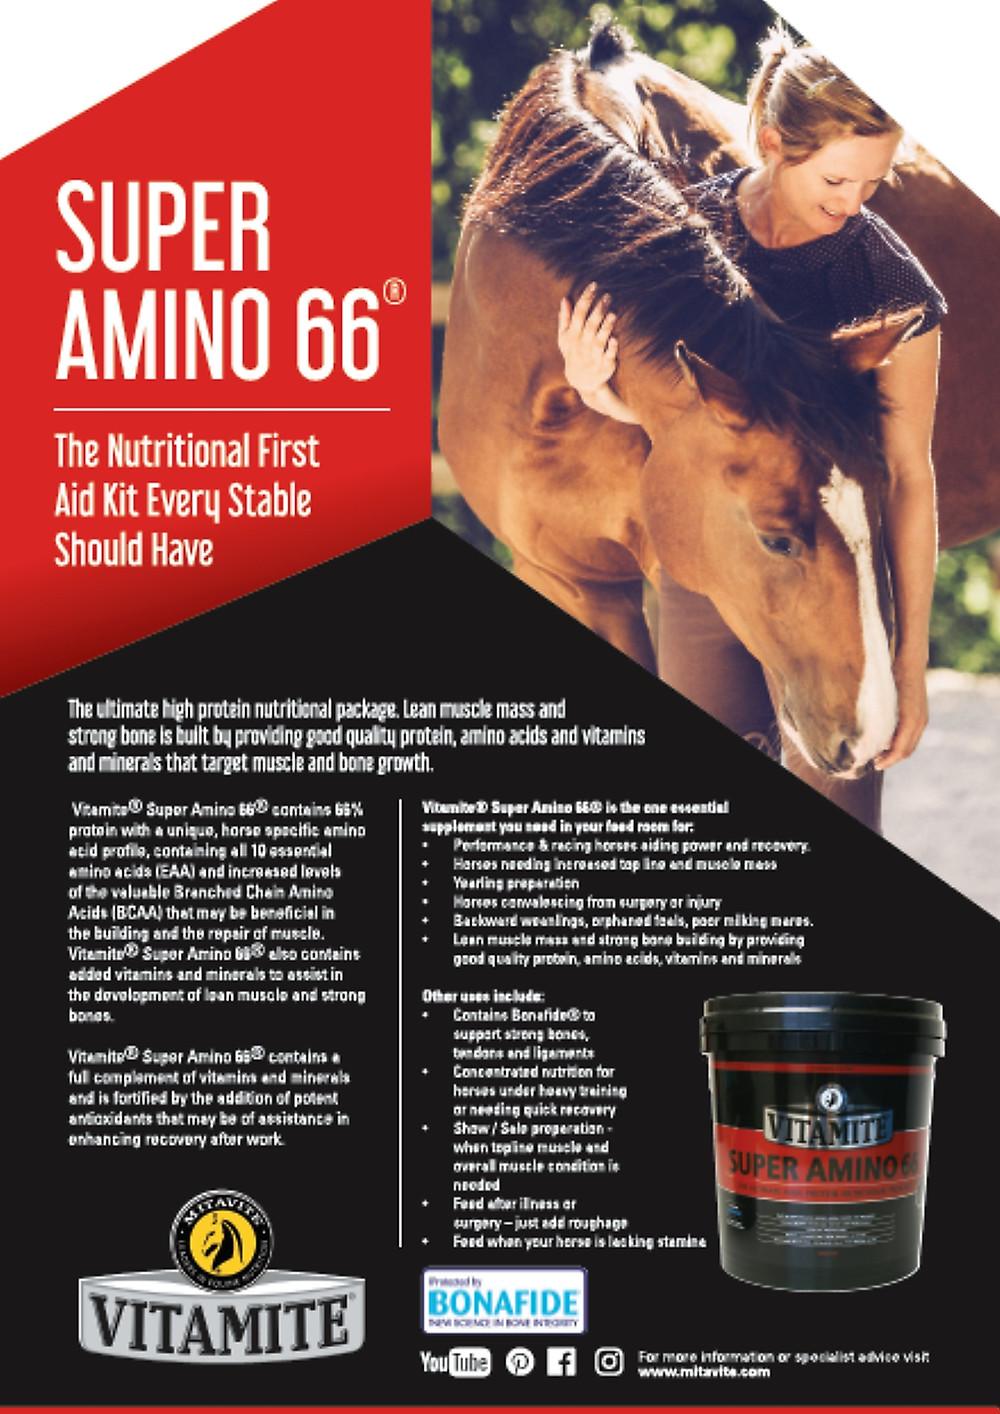 Mitavite Super Amino 66